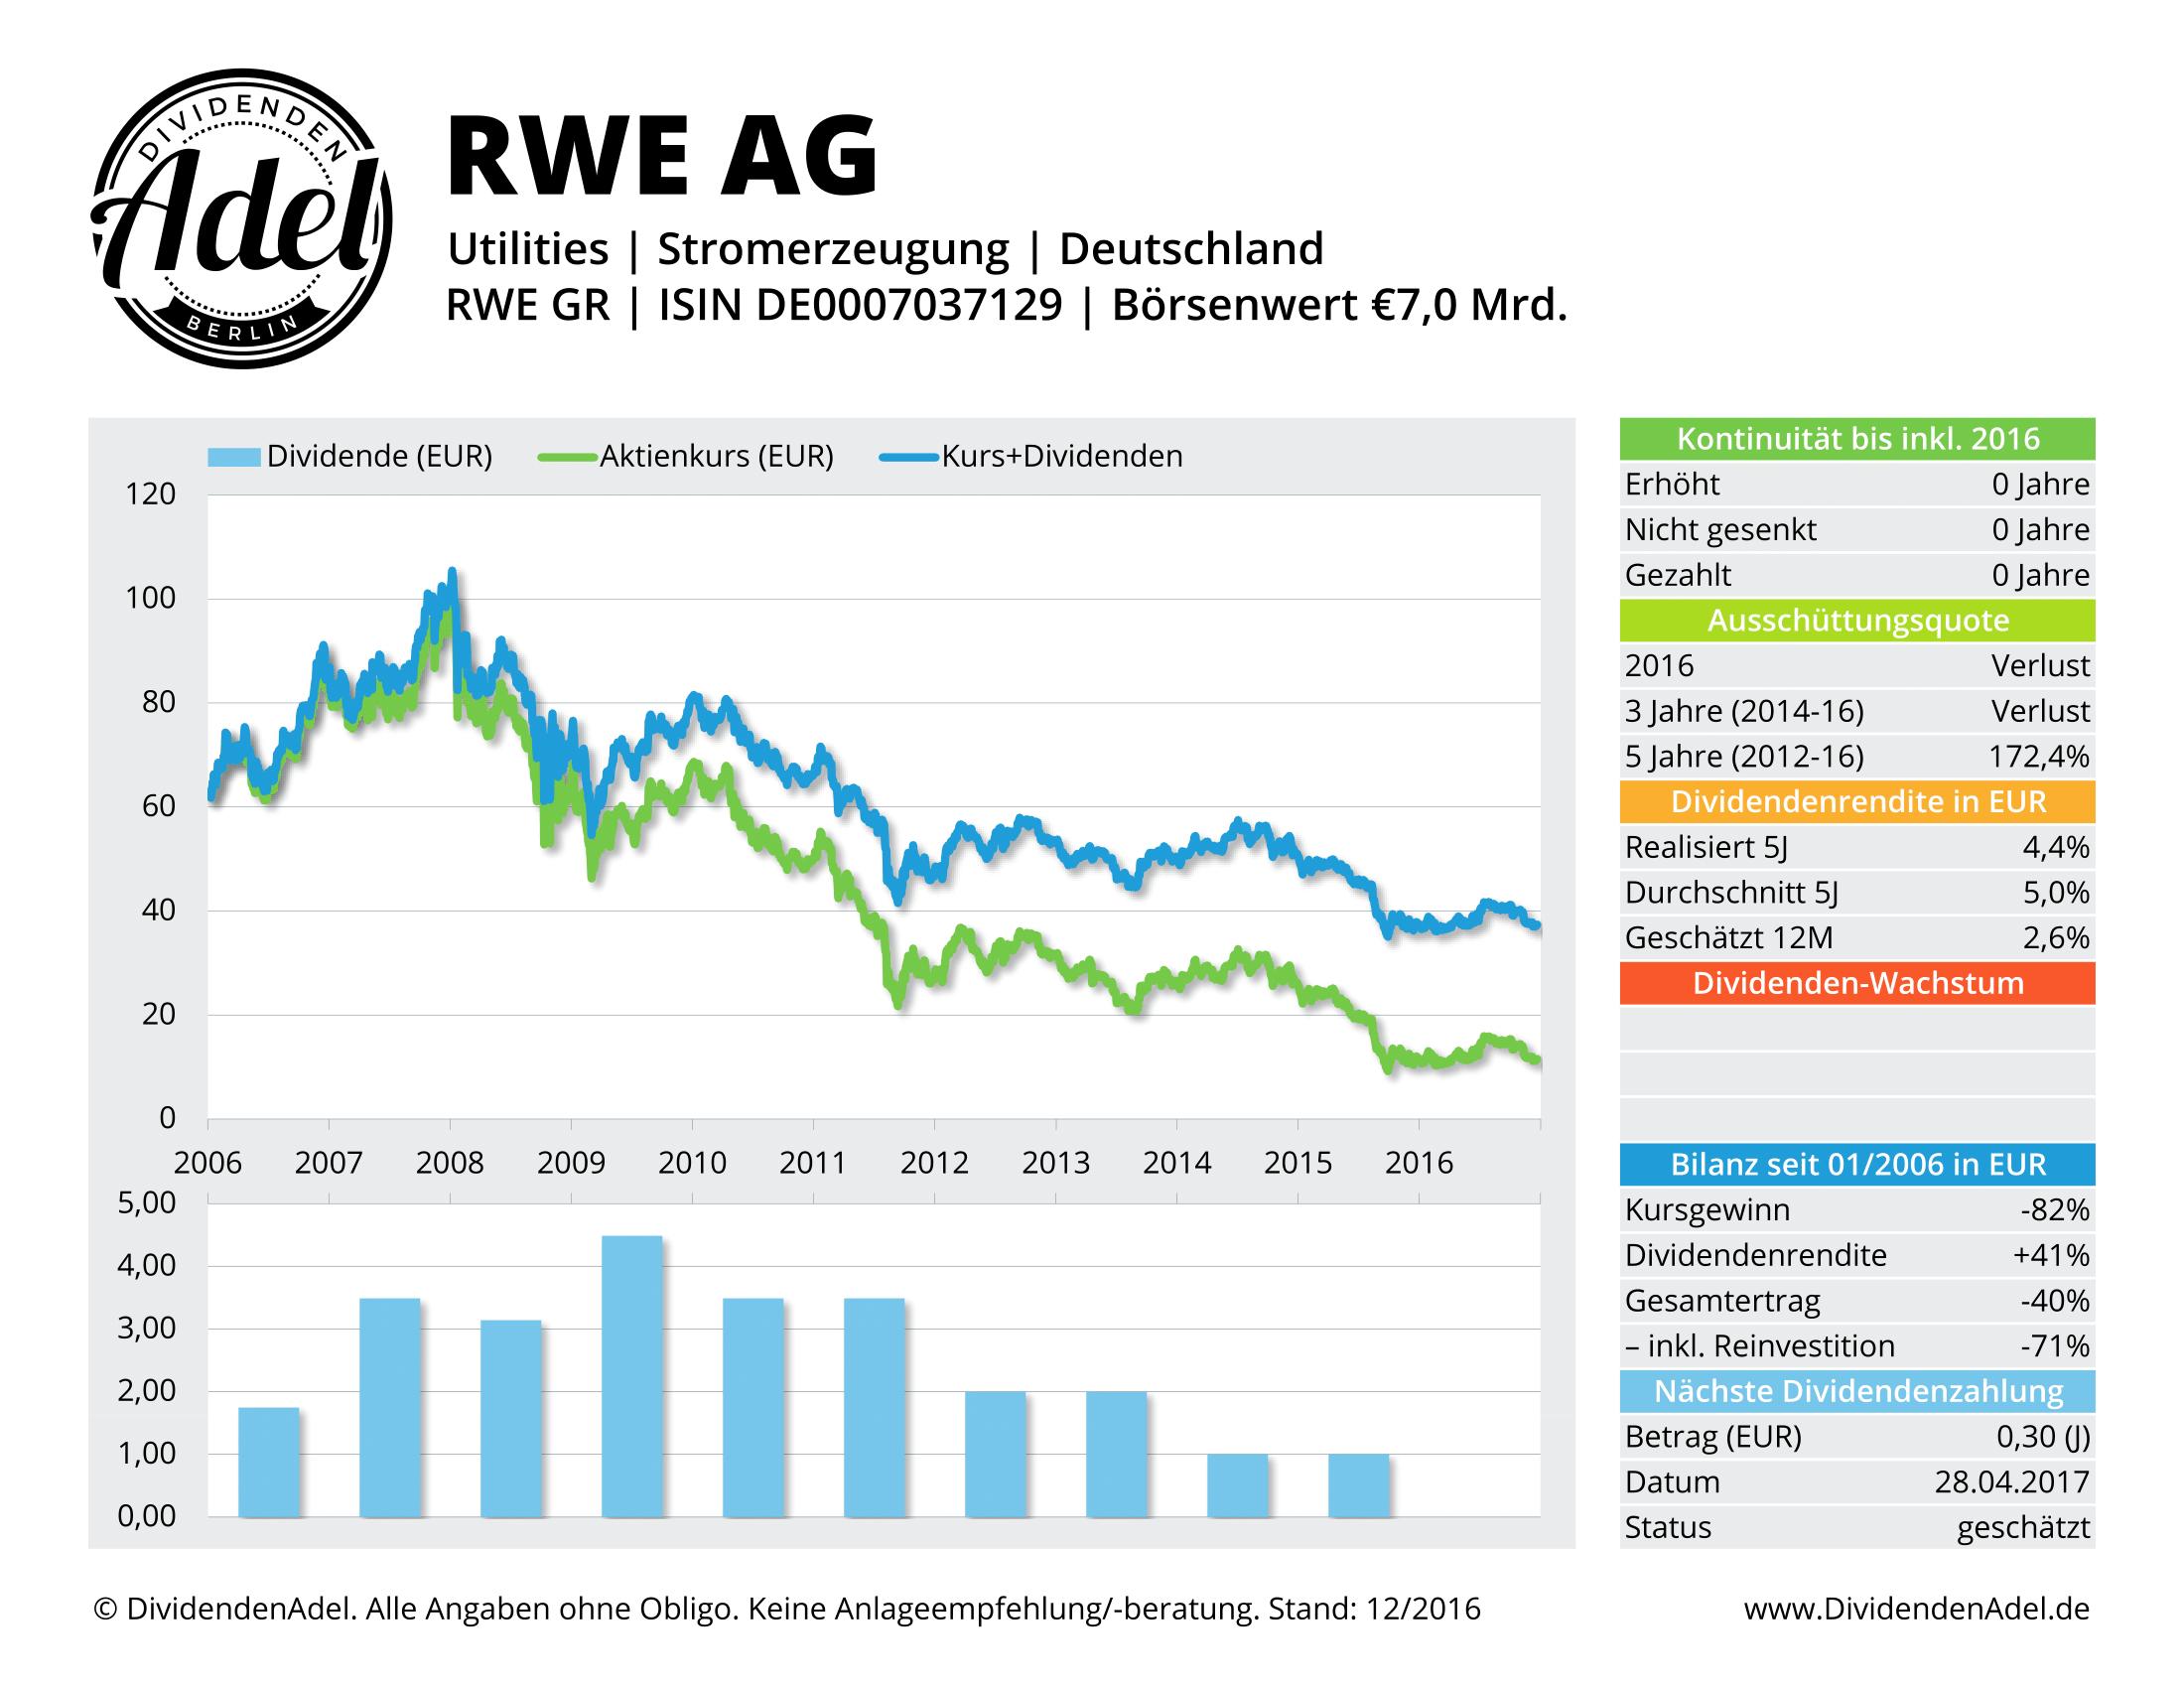 DividendenAdel Dividendenprofil RWE